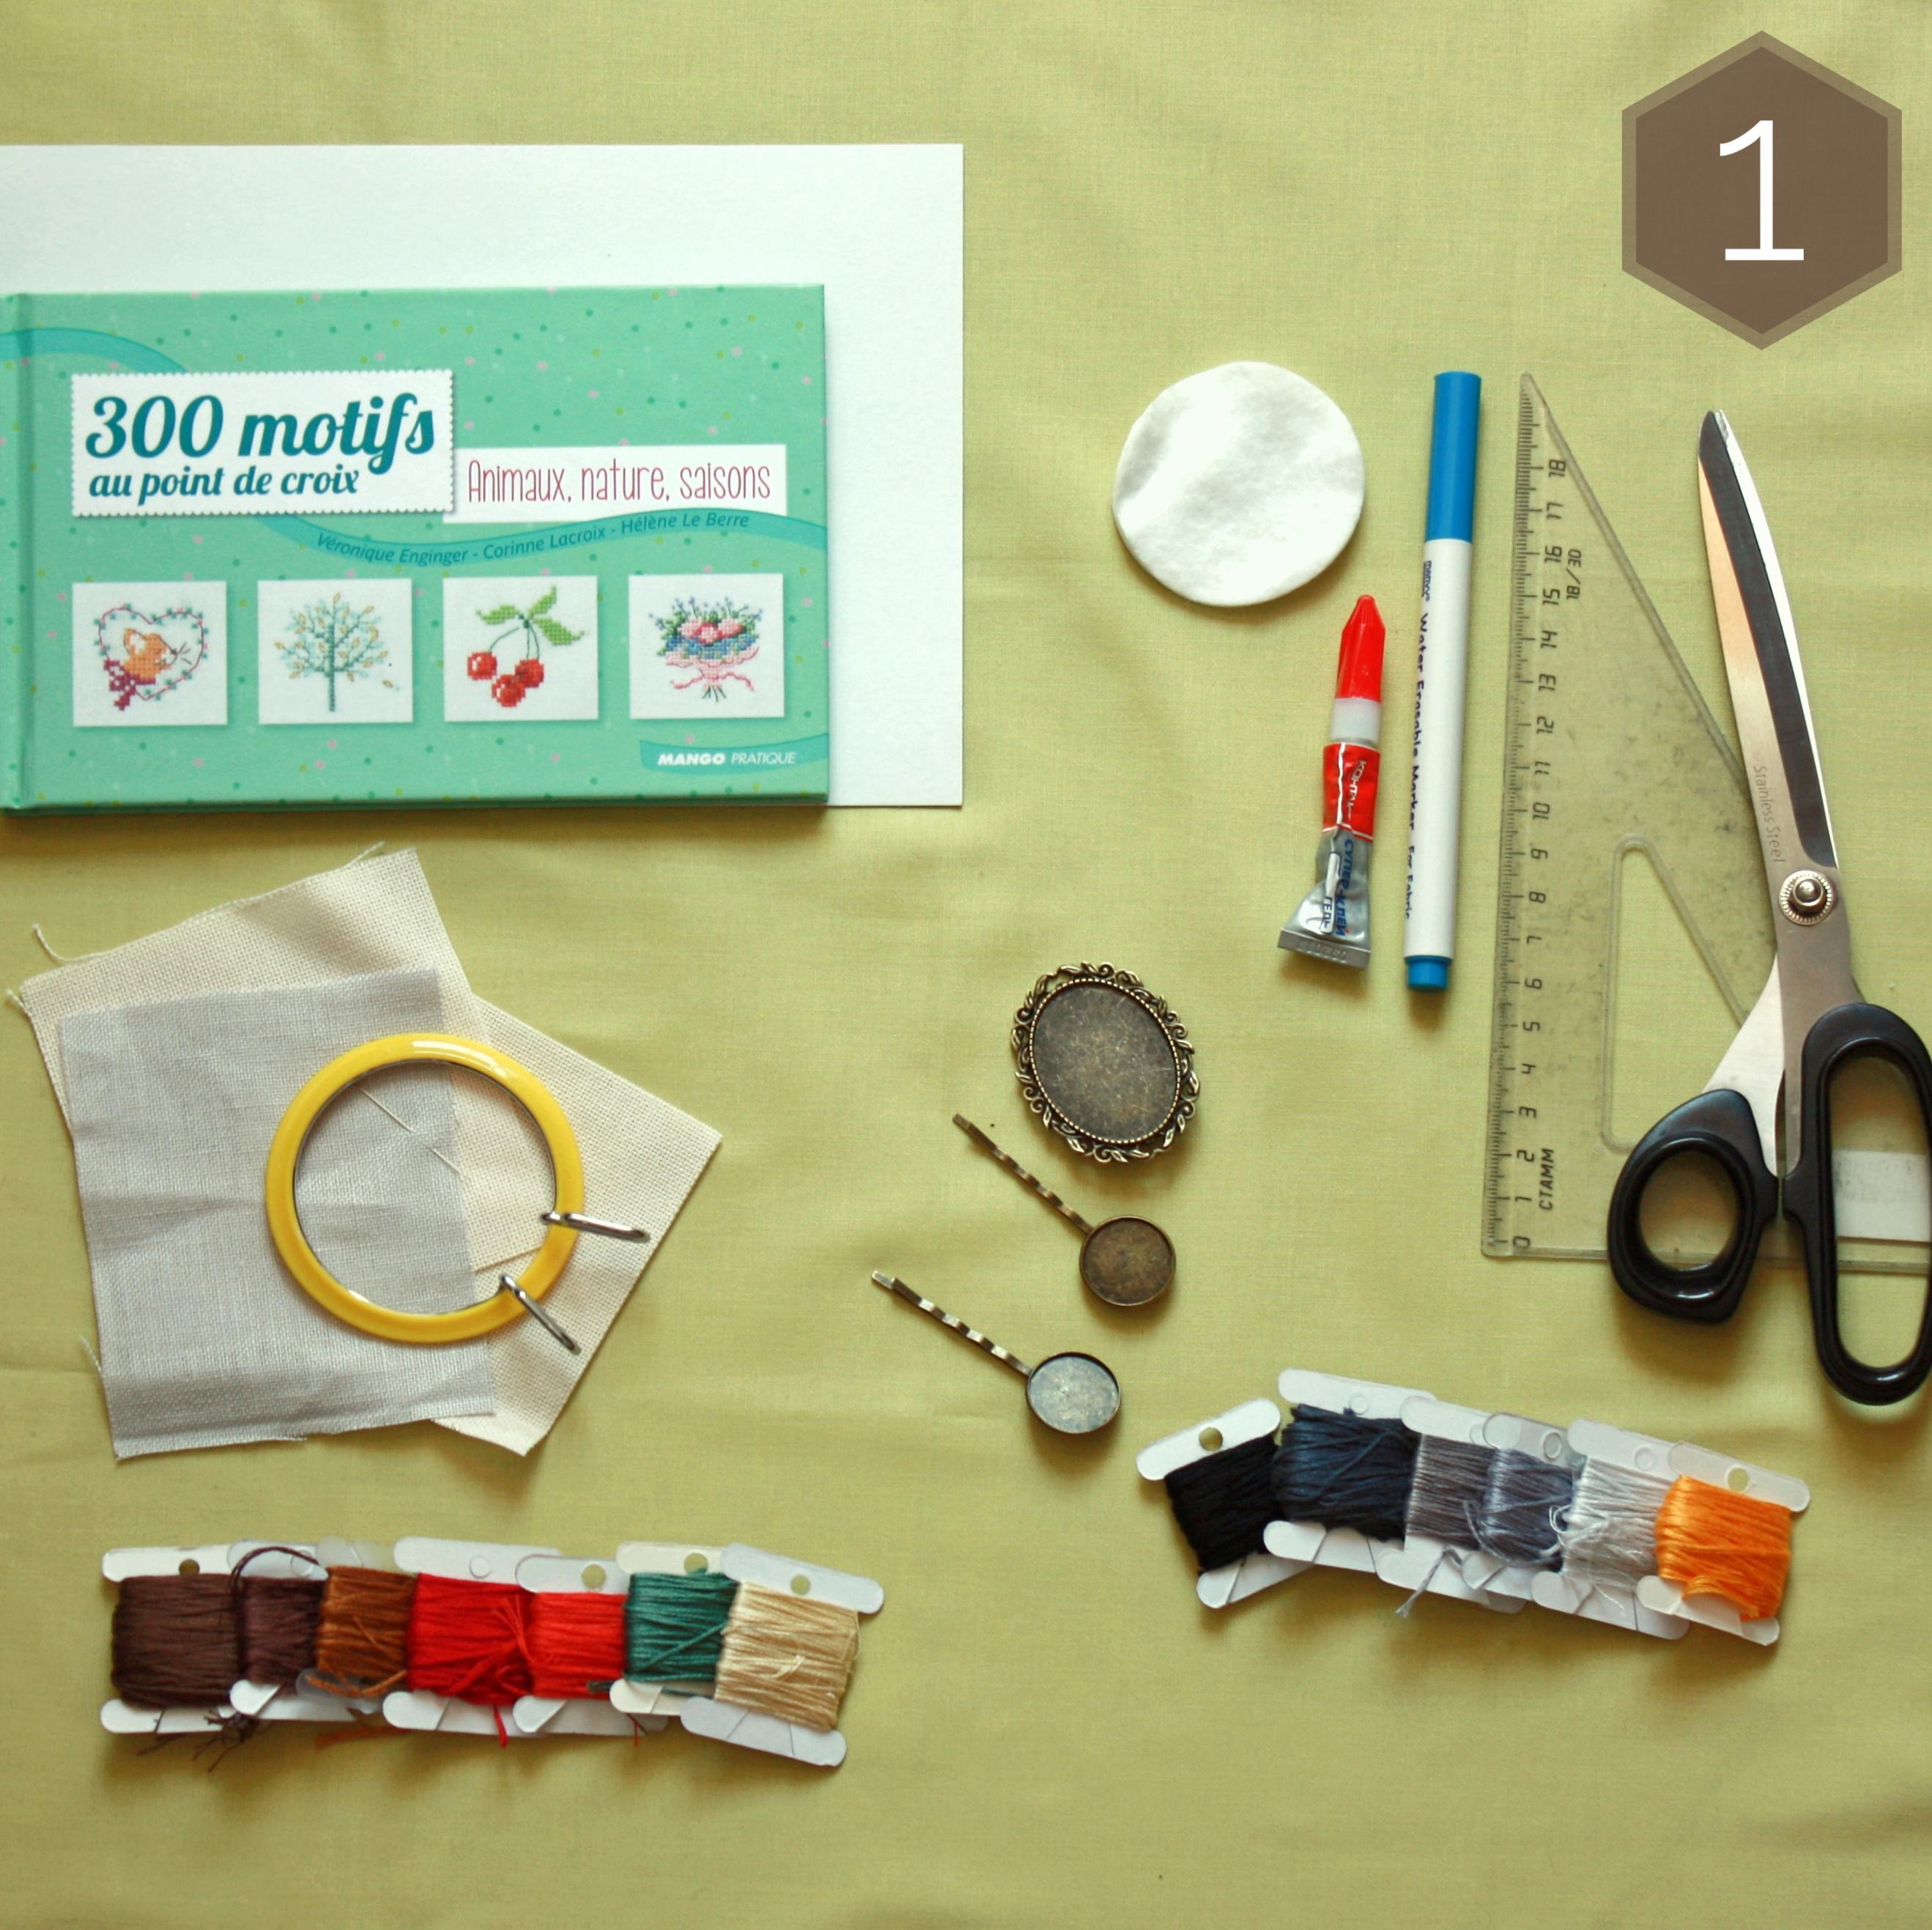 инструменты и материалы для изготовления бижутерии с вышивкой